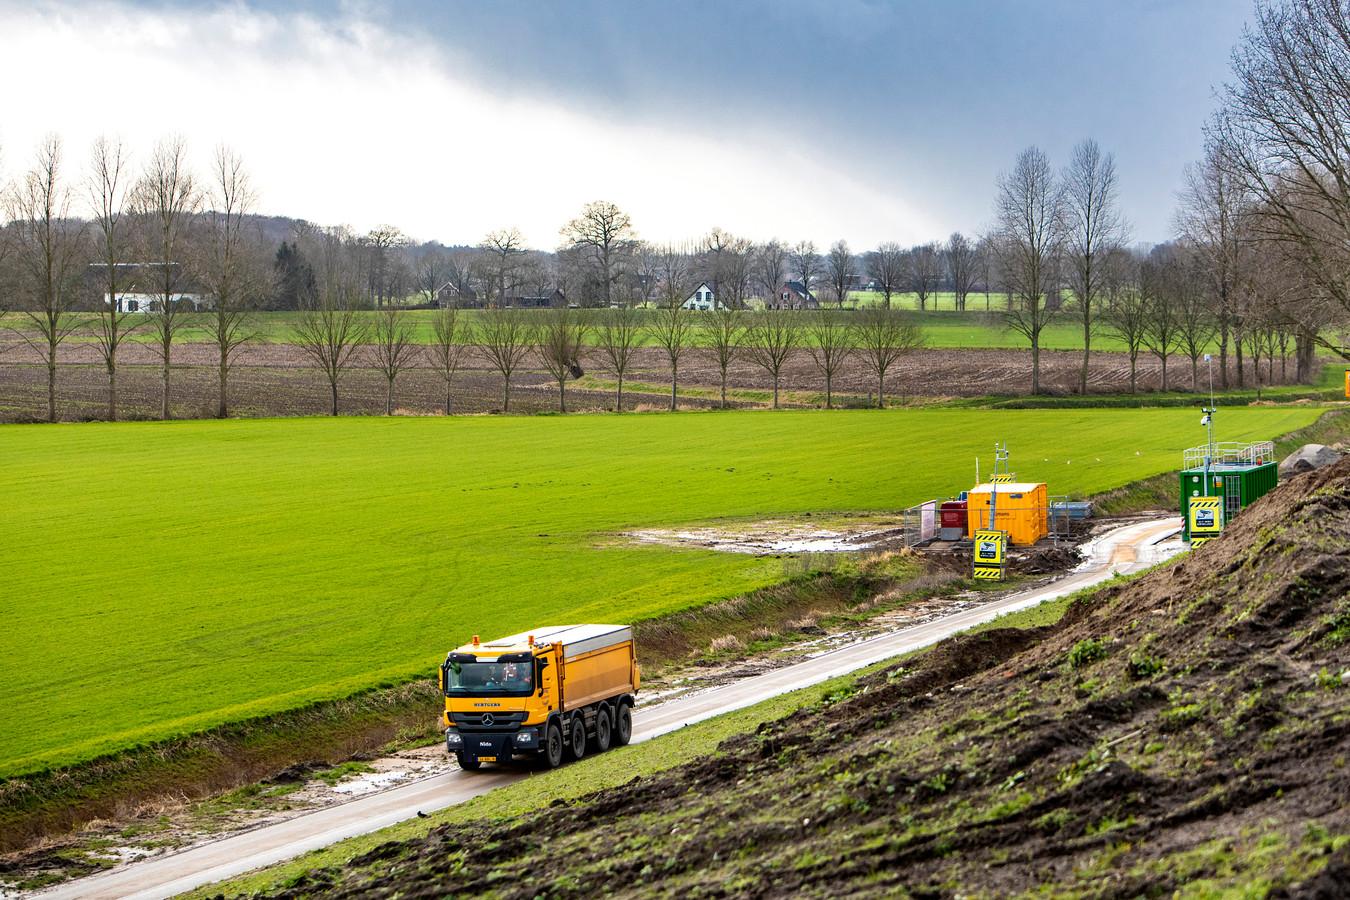 De vindplaats van de V1, op Deventer grondgebied, blijkt uiteindelijk vooral gevolgen te hebben voor dorp Wilp, in de gemeente Voorst. Honderden mensen moeten daar tijdens de ruiming een dag hun huis uit.